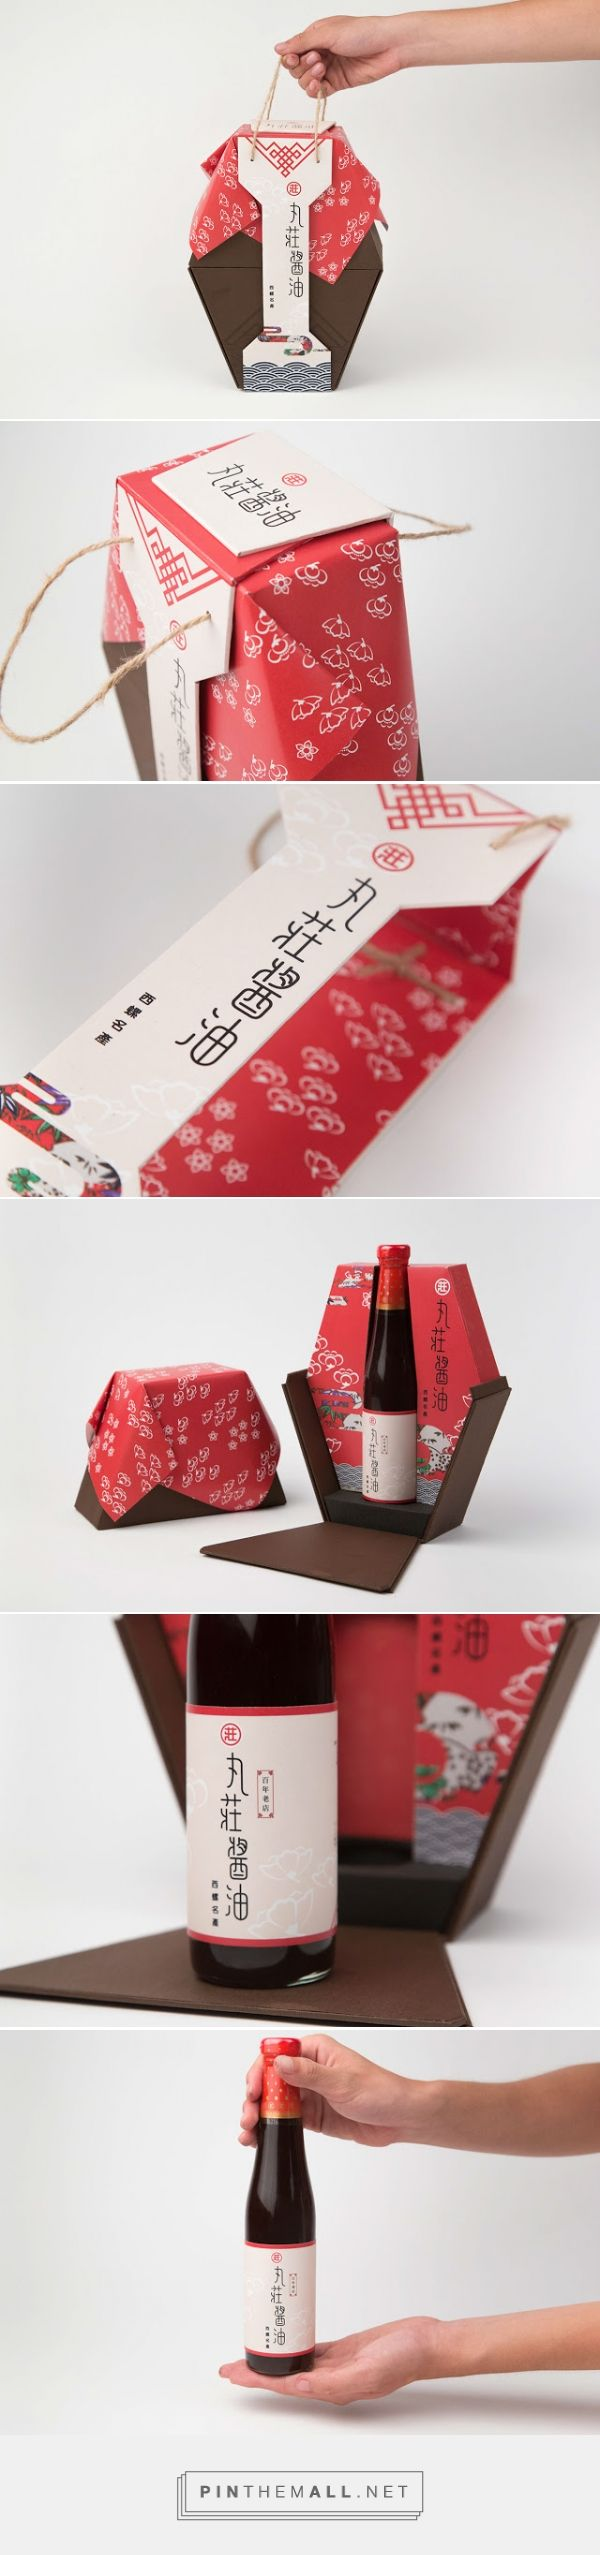 丸莊醬油 soy sauce packaging designed by Han-Ching Huang - http://www.packagingoftheworld.com/2016/01/soy-sauce-packaging.html